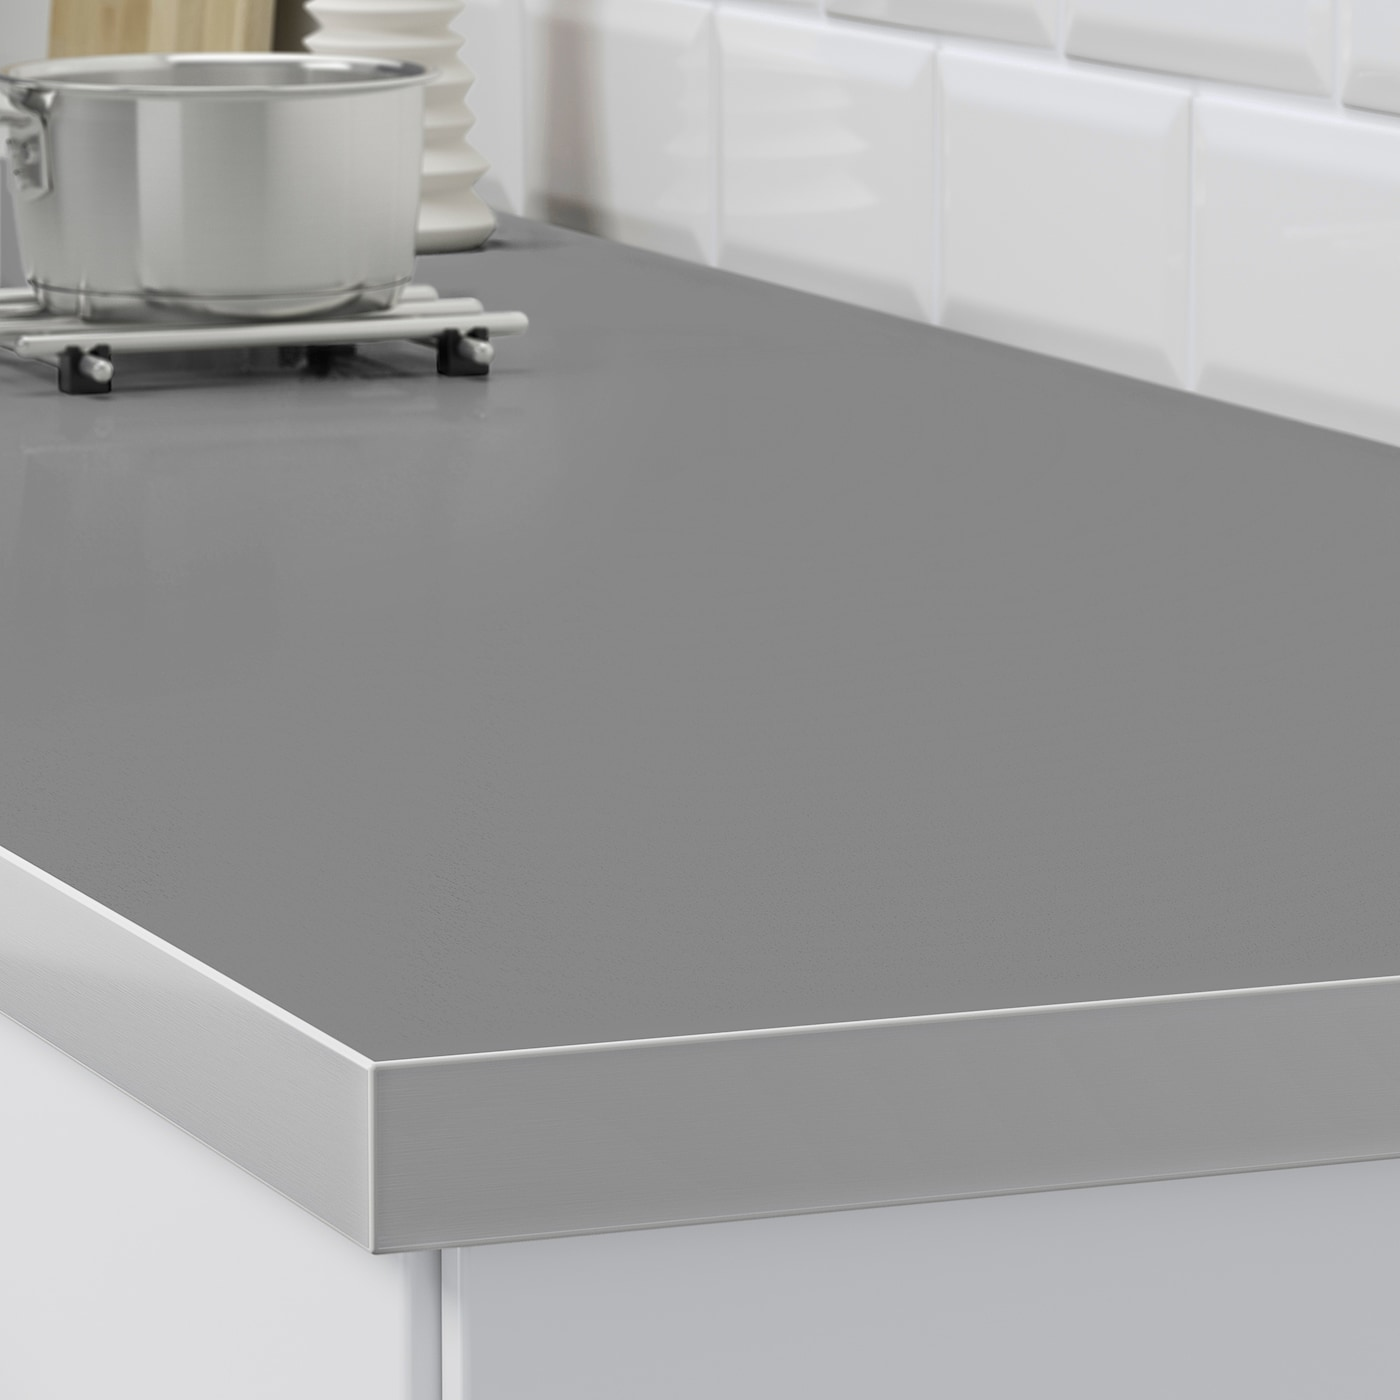 Hallestad Plan De Travail Double Face Blanc Motif Aluminium